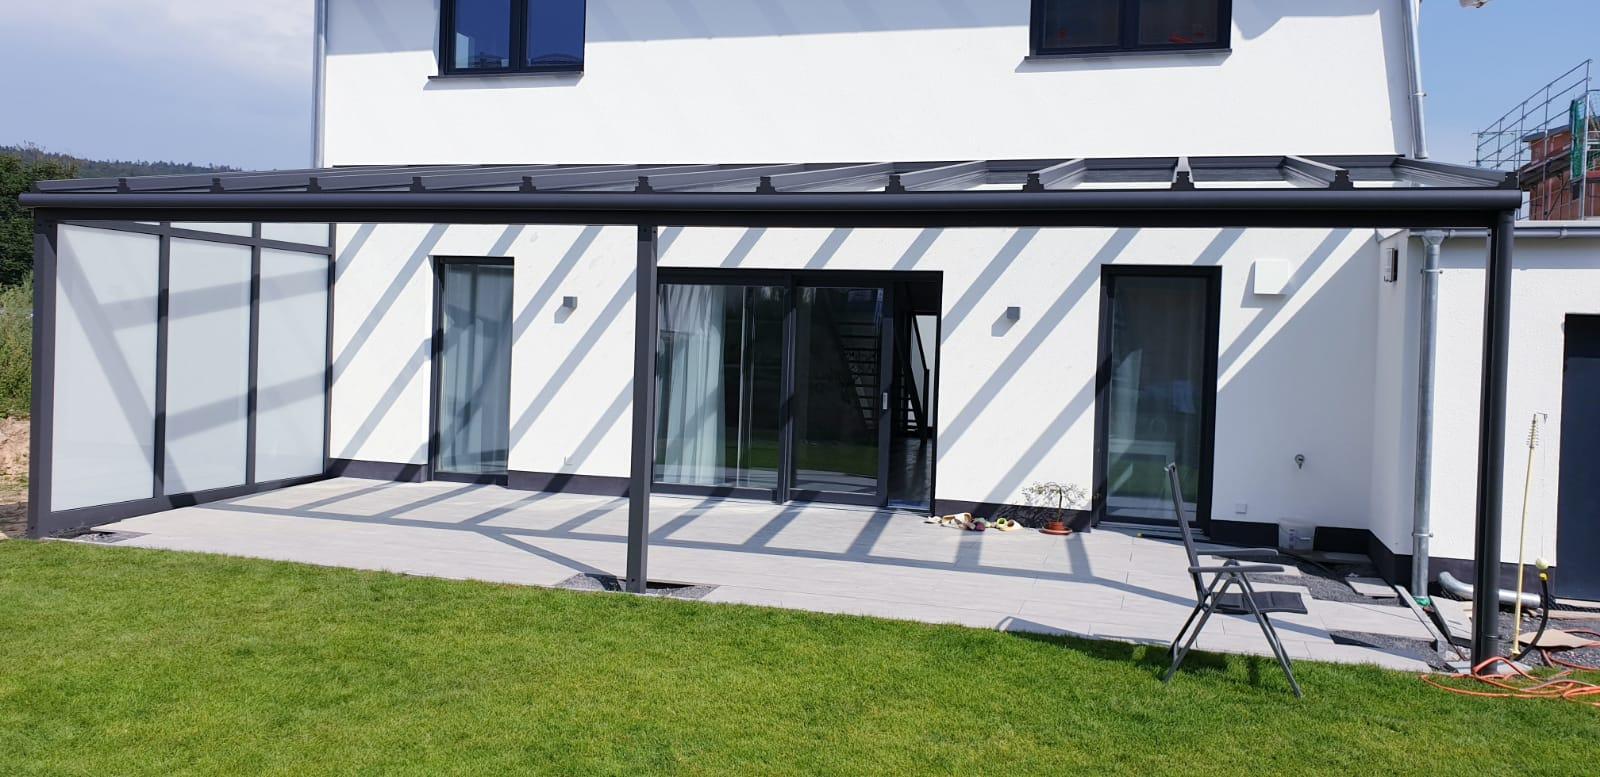 Terrassenüberdachung ohne Seiten